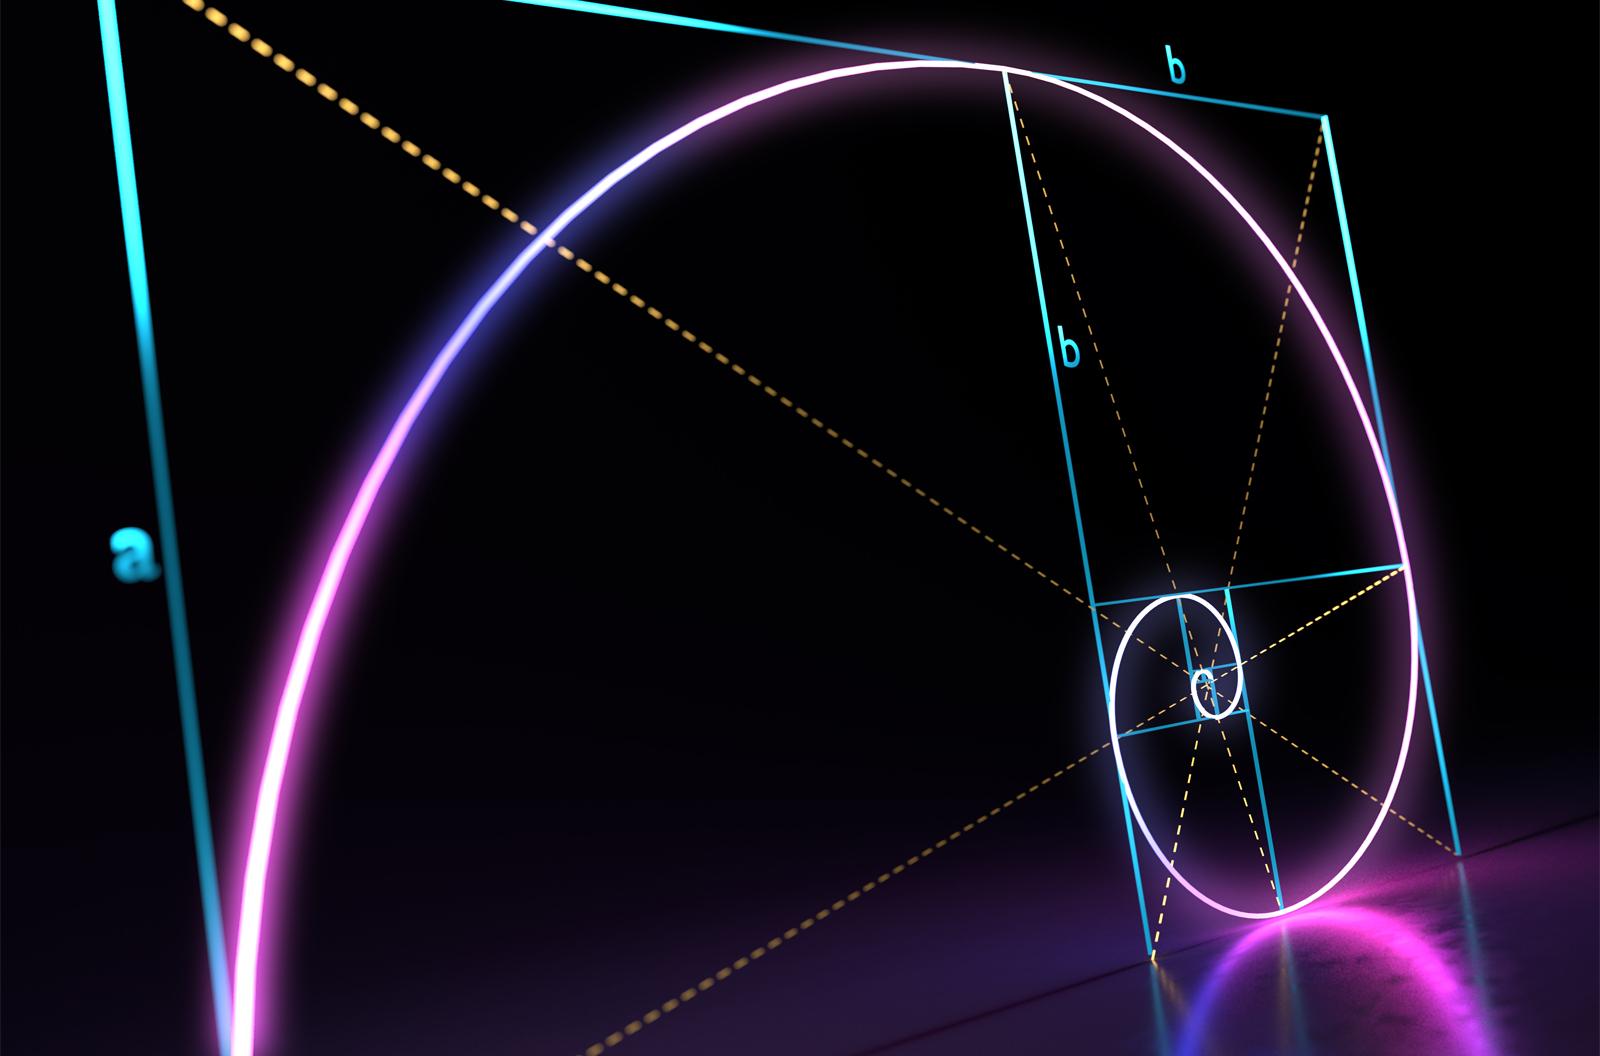 3D rendered illustration of Fibonacci golden ratio spiral on black background